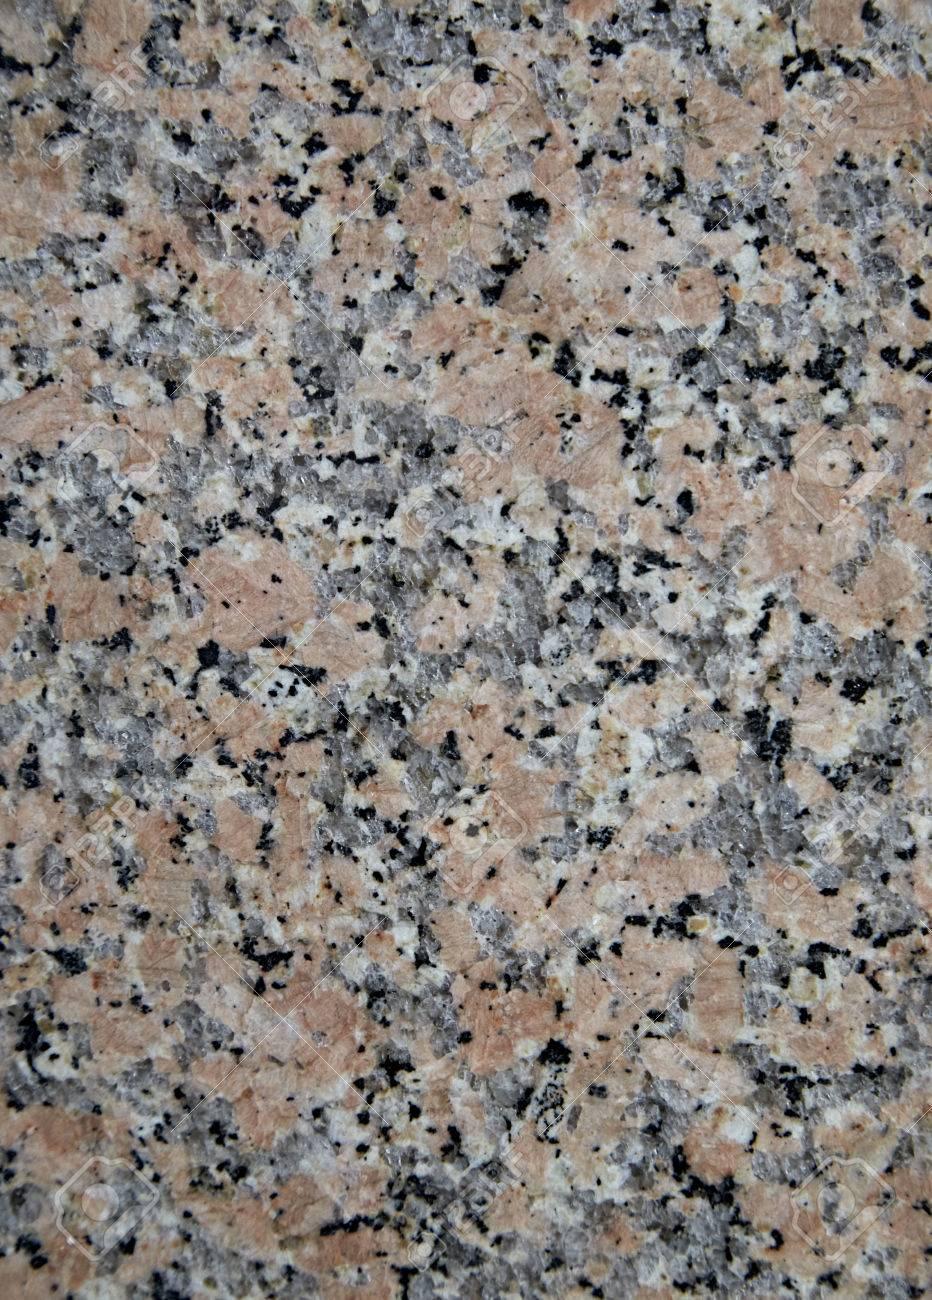 textura de piedra natural de color rosarojo con una gran cantidad